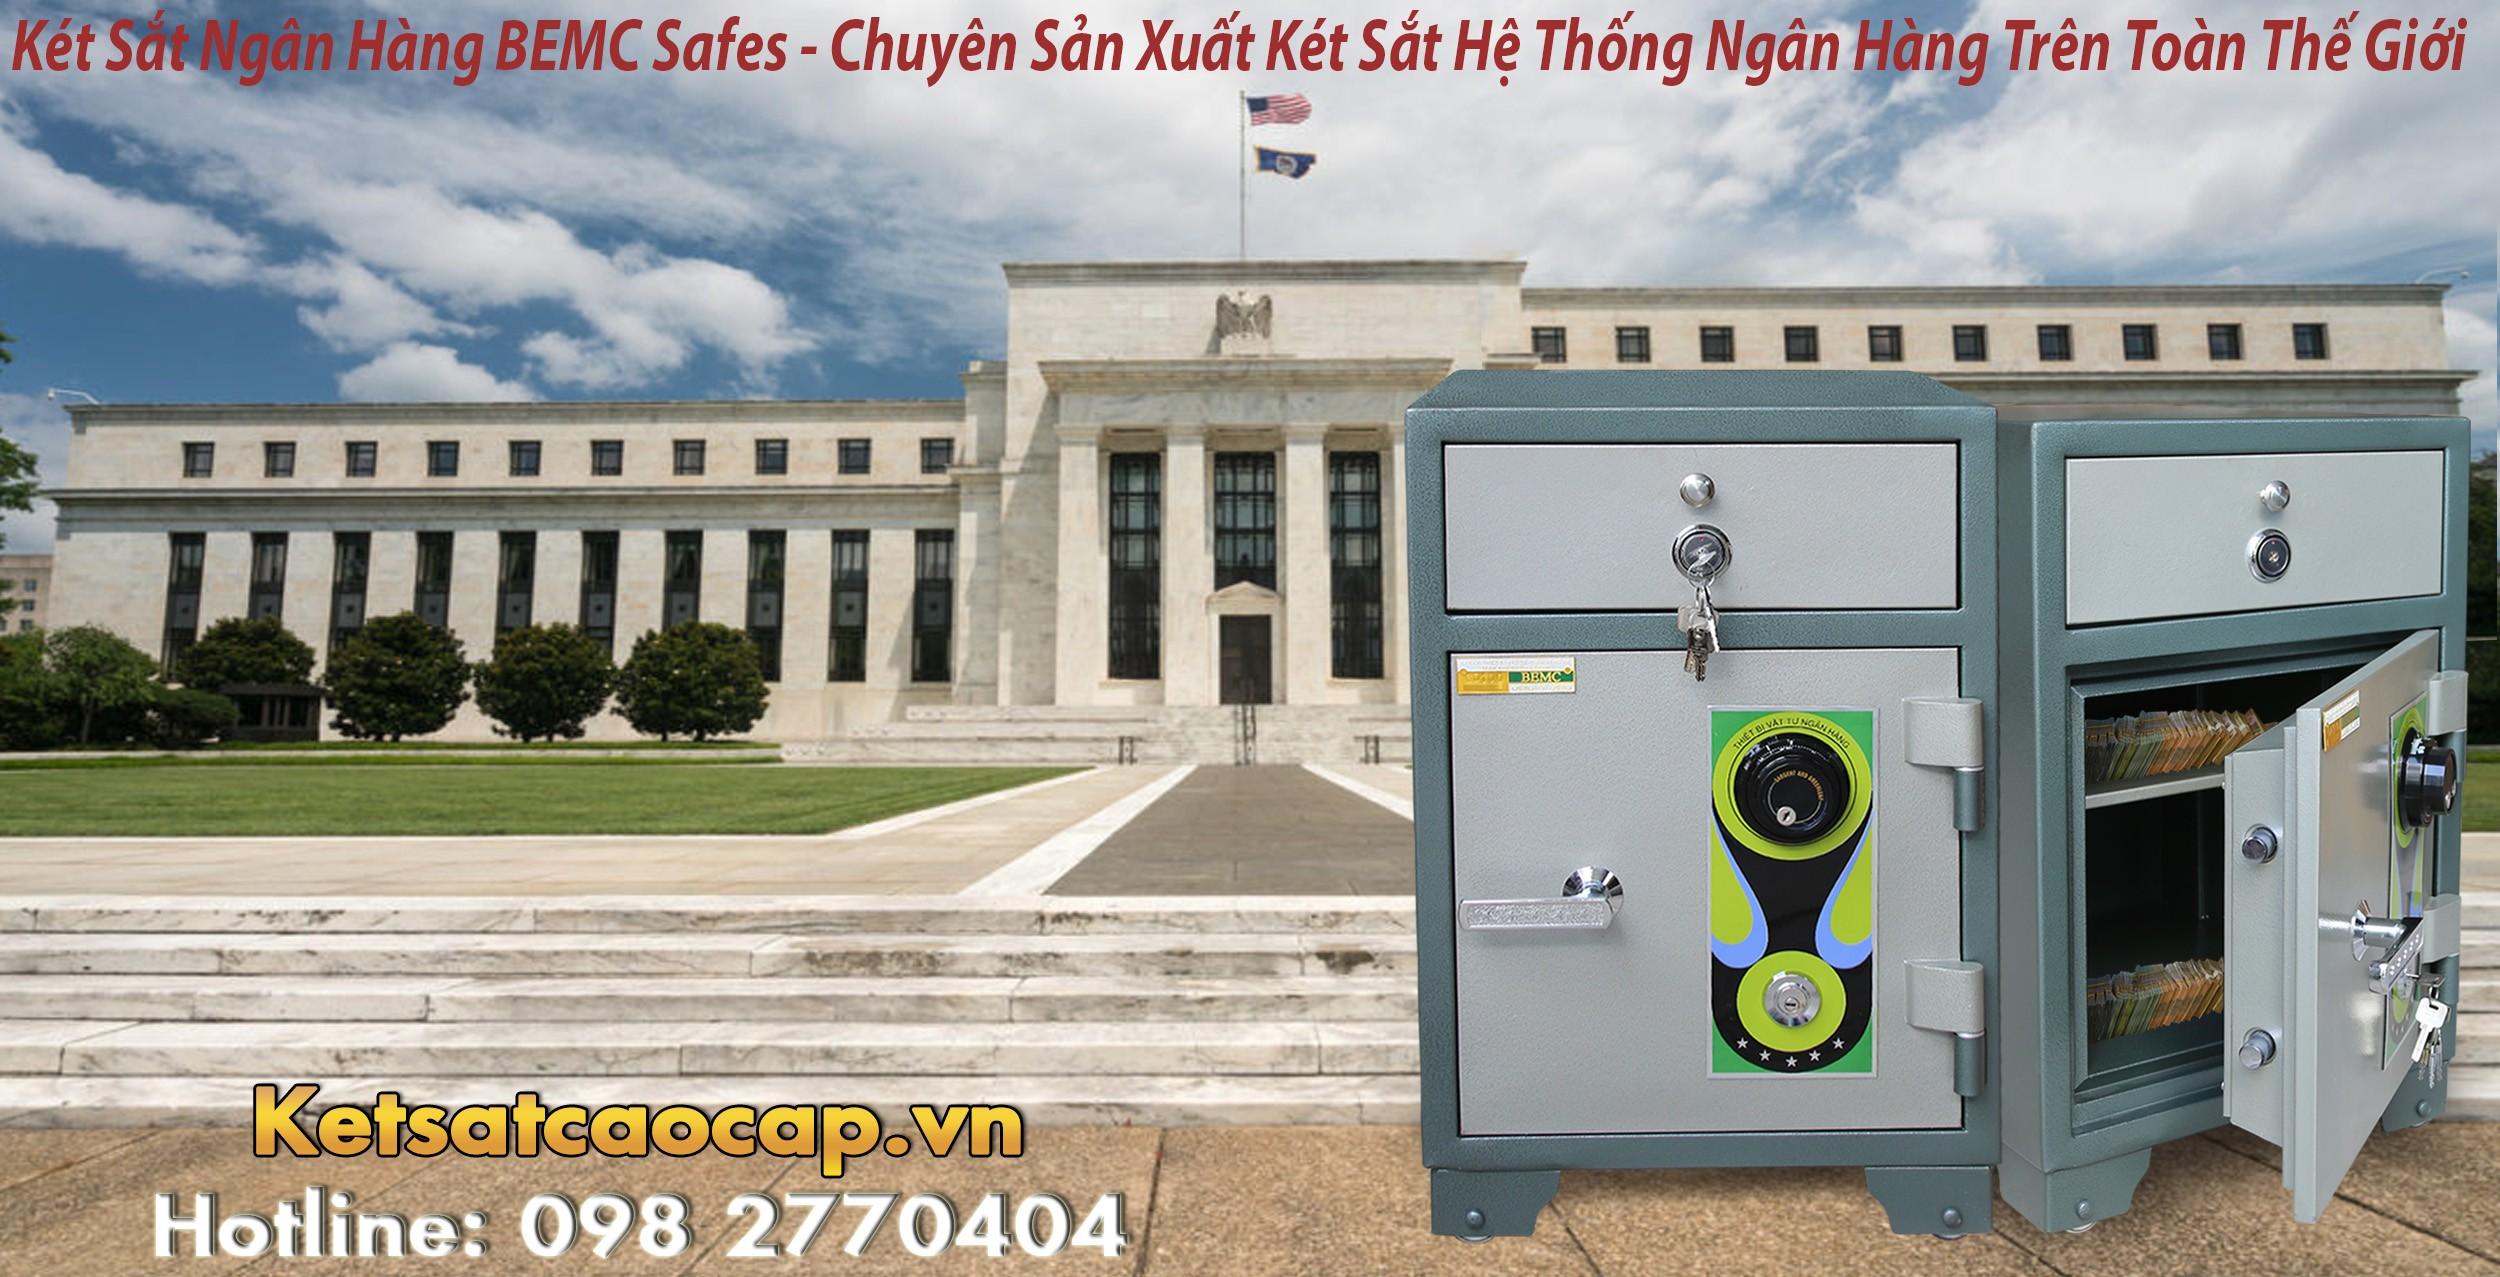 hình ảnh sản phẩm giá thuê két sắt ngân hàng vietcombank tại hà nội